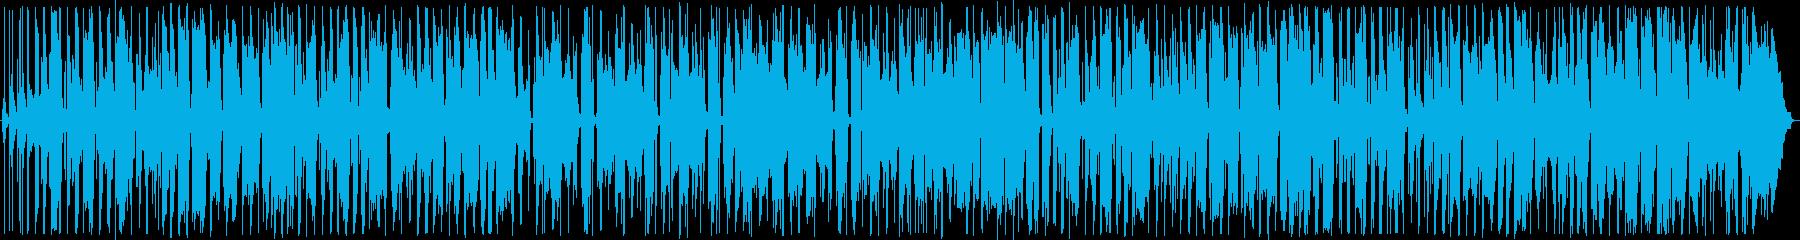 半袖のサンタ。《ジングルベル》をレゲエでの再生済みの波形